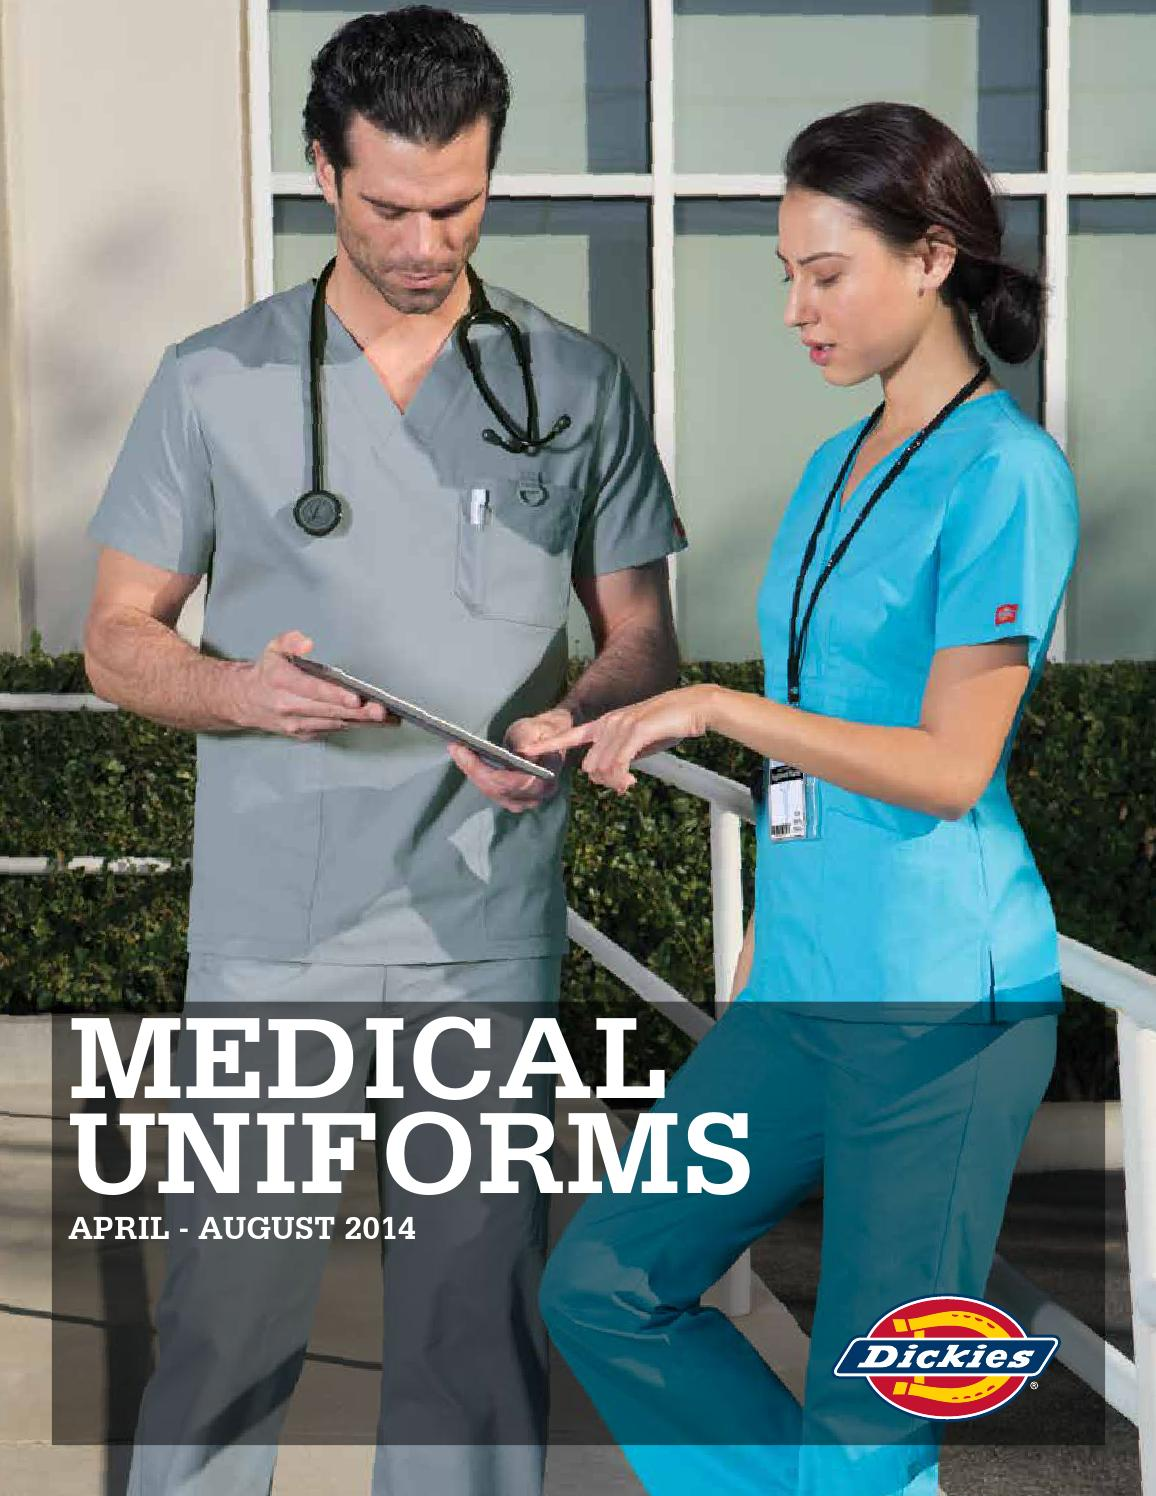 rozmiar 7 gorące wyprzedaże największa zniżka Dickies medical uniforms 2014 by NEOBOR - Uniformes ...